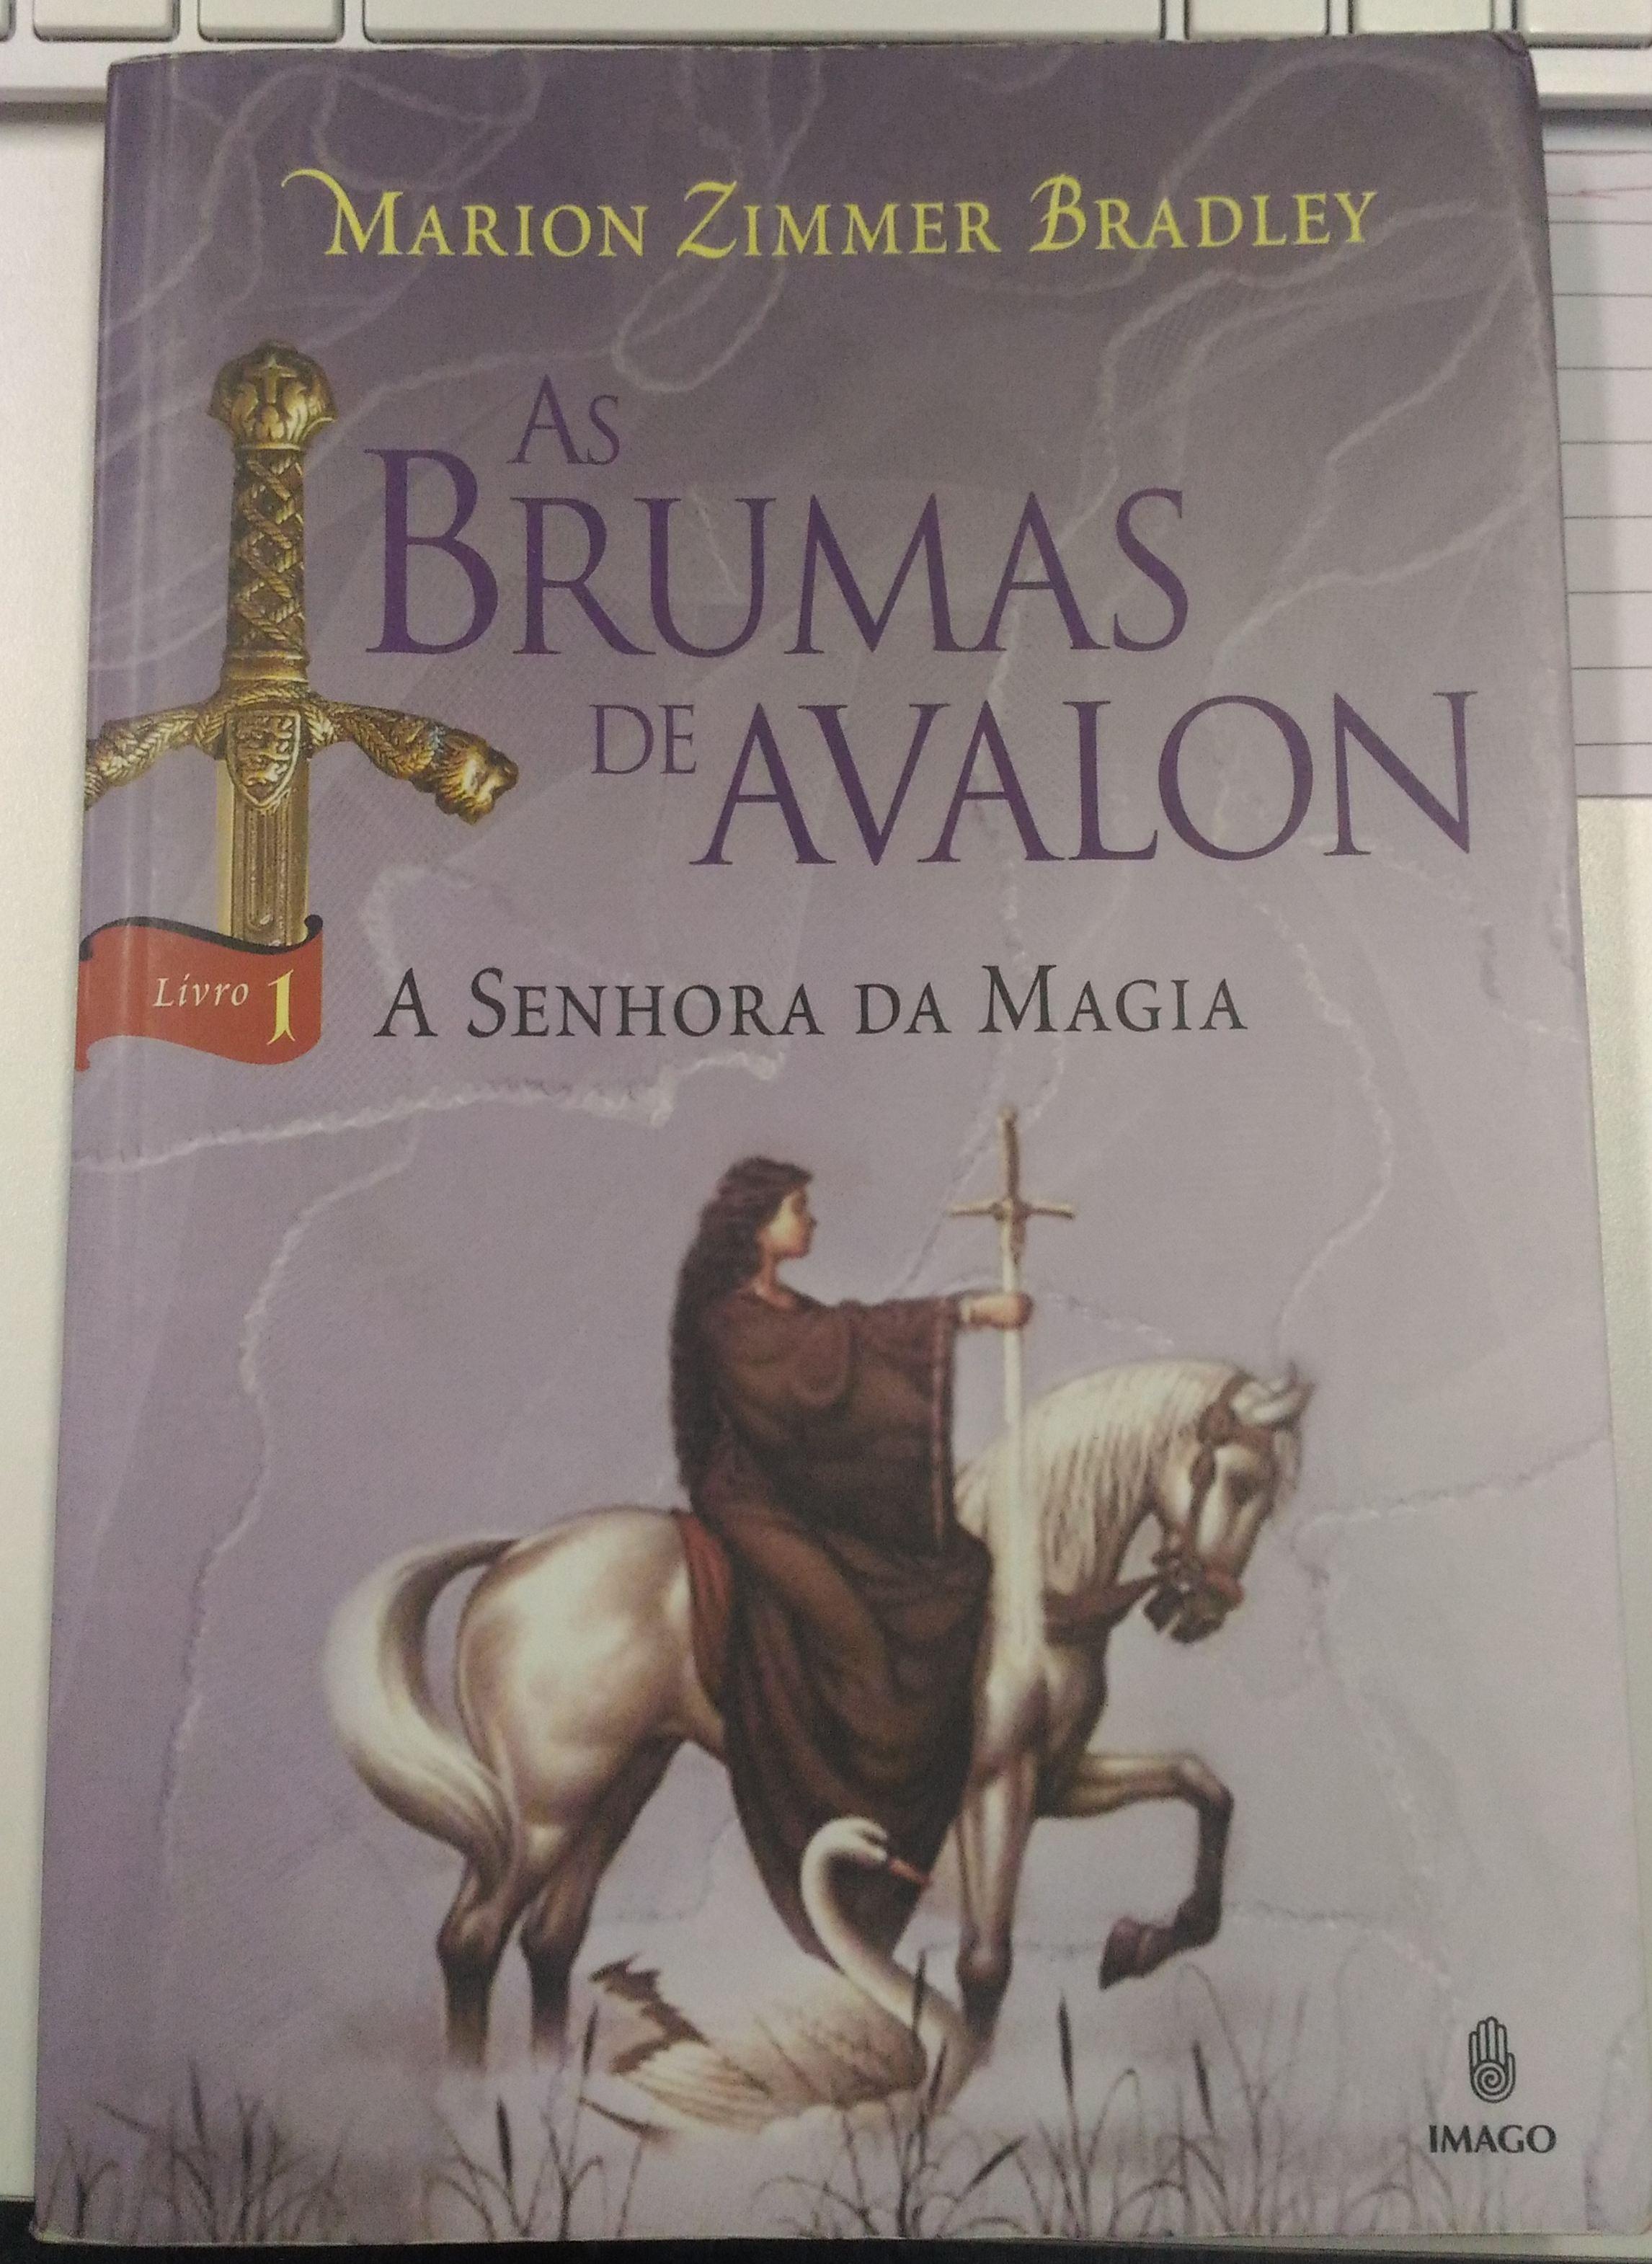 Capa - Livro 1 - As Brumas de Avalon - A Senhora da Magia